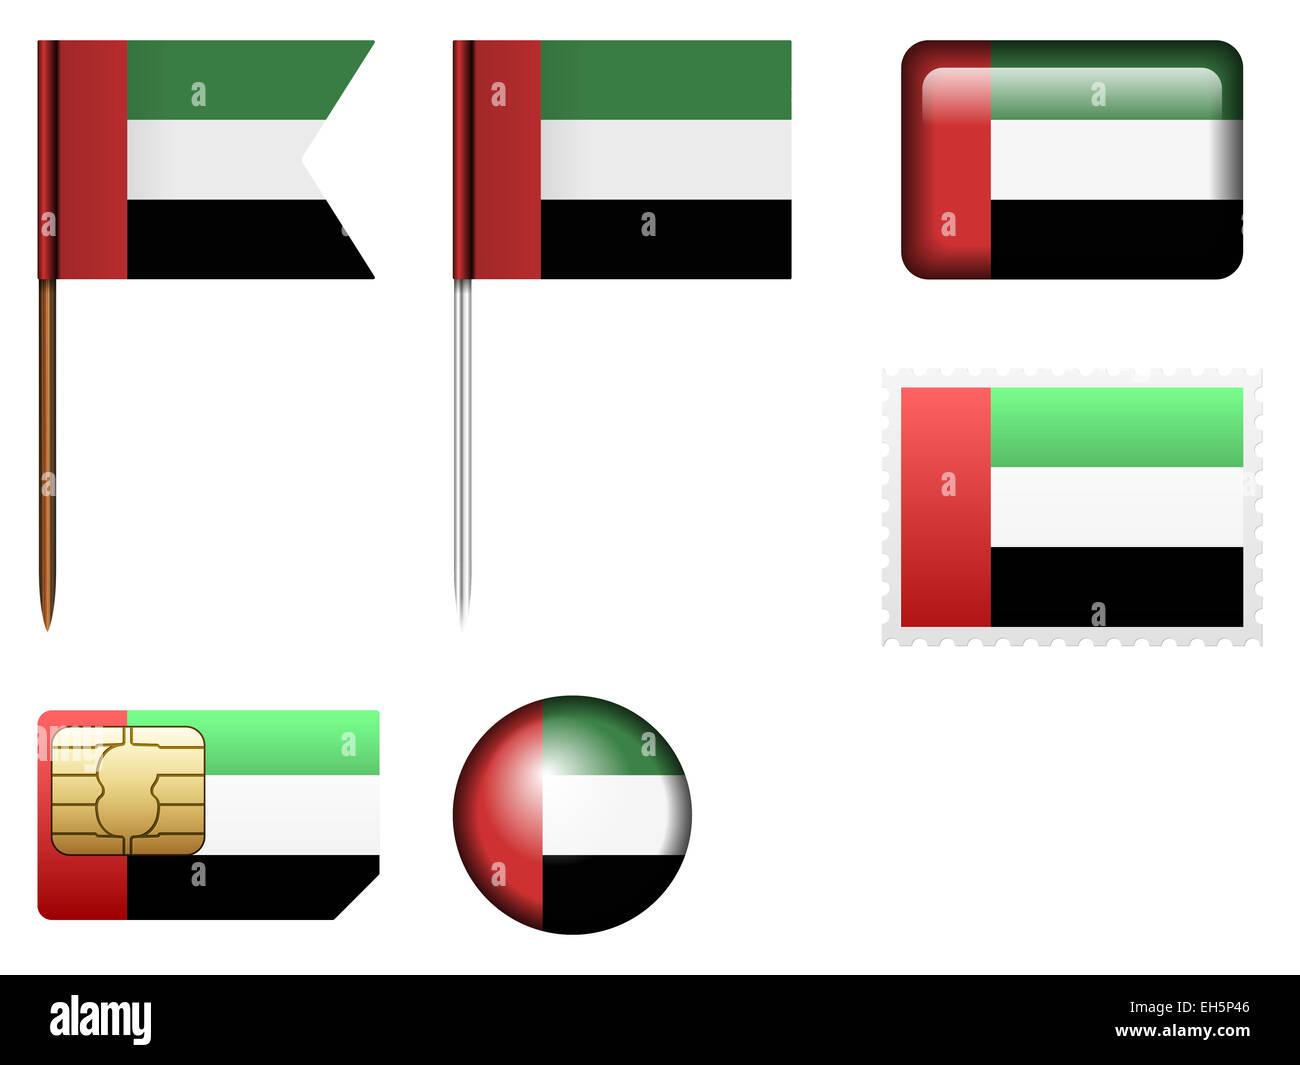 United Arab Emirates flag set on a white background. - Stock Image